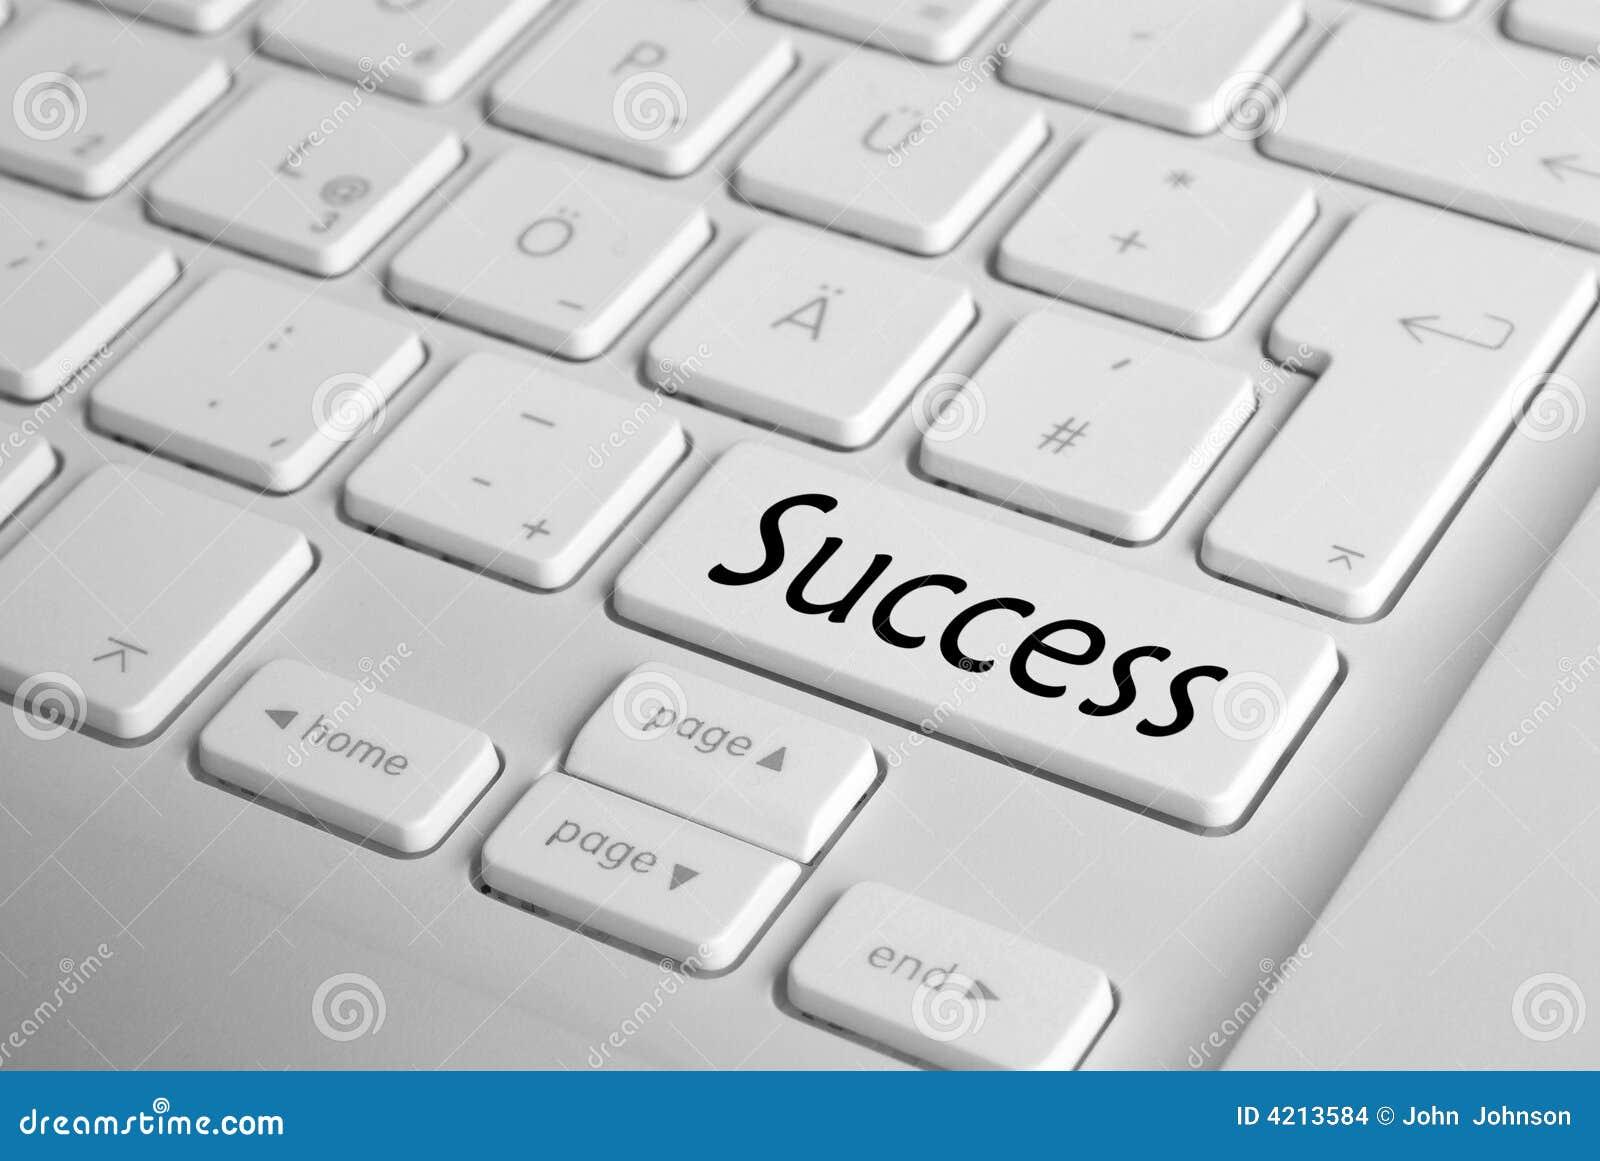 Tastiera di successo